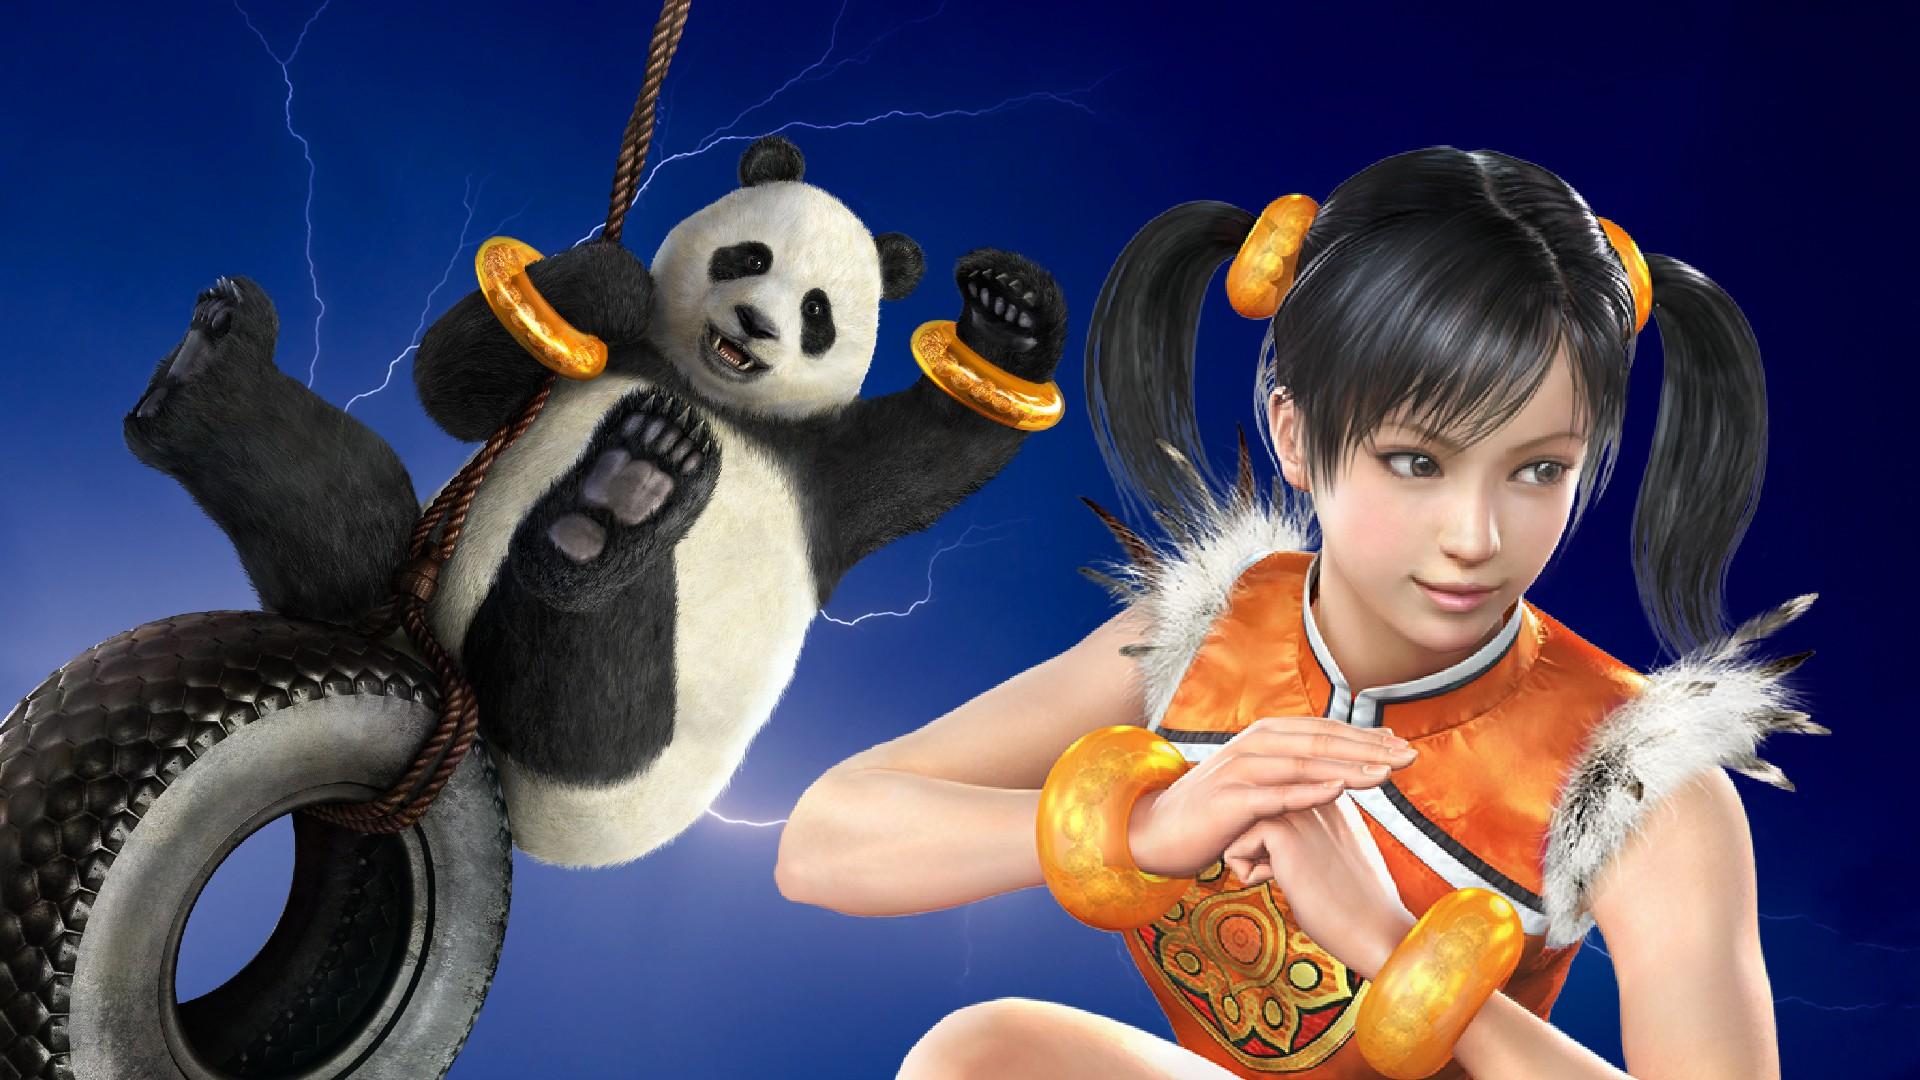 tekken tag 2   Tekken Wallpaper 32263863 1920x1080